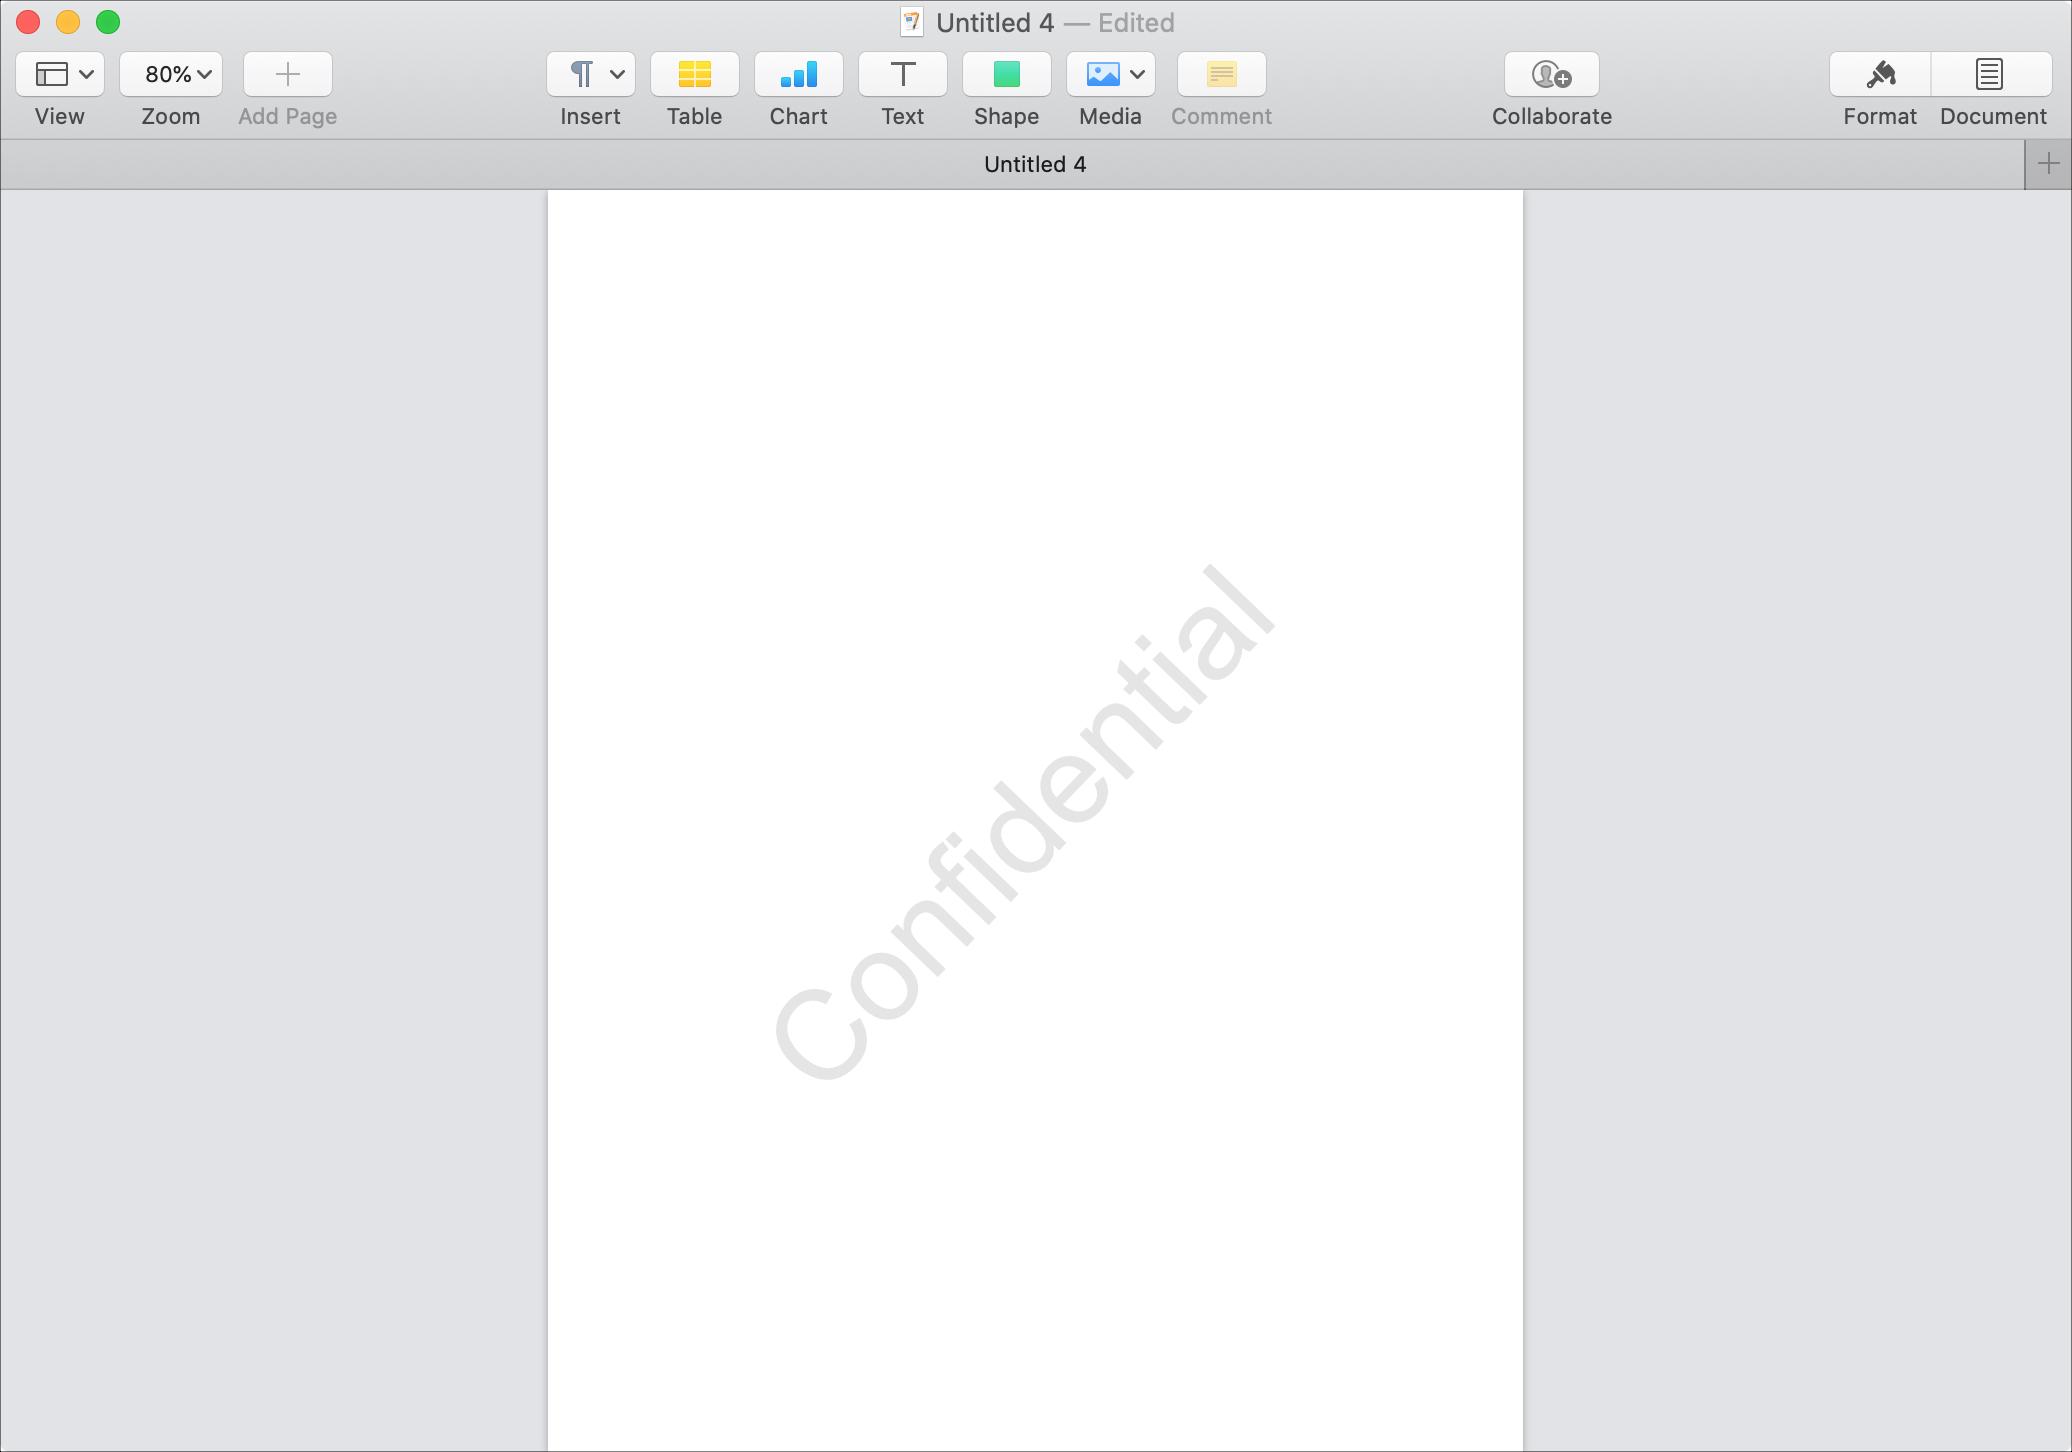 Thêm trang watermark vào Mac Bảo mật